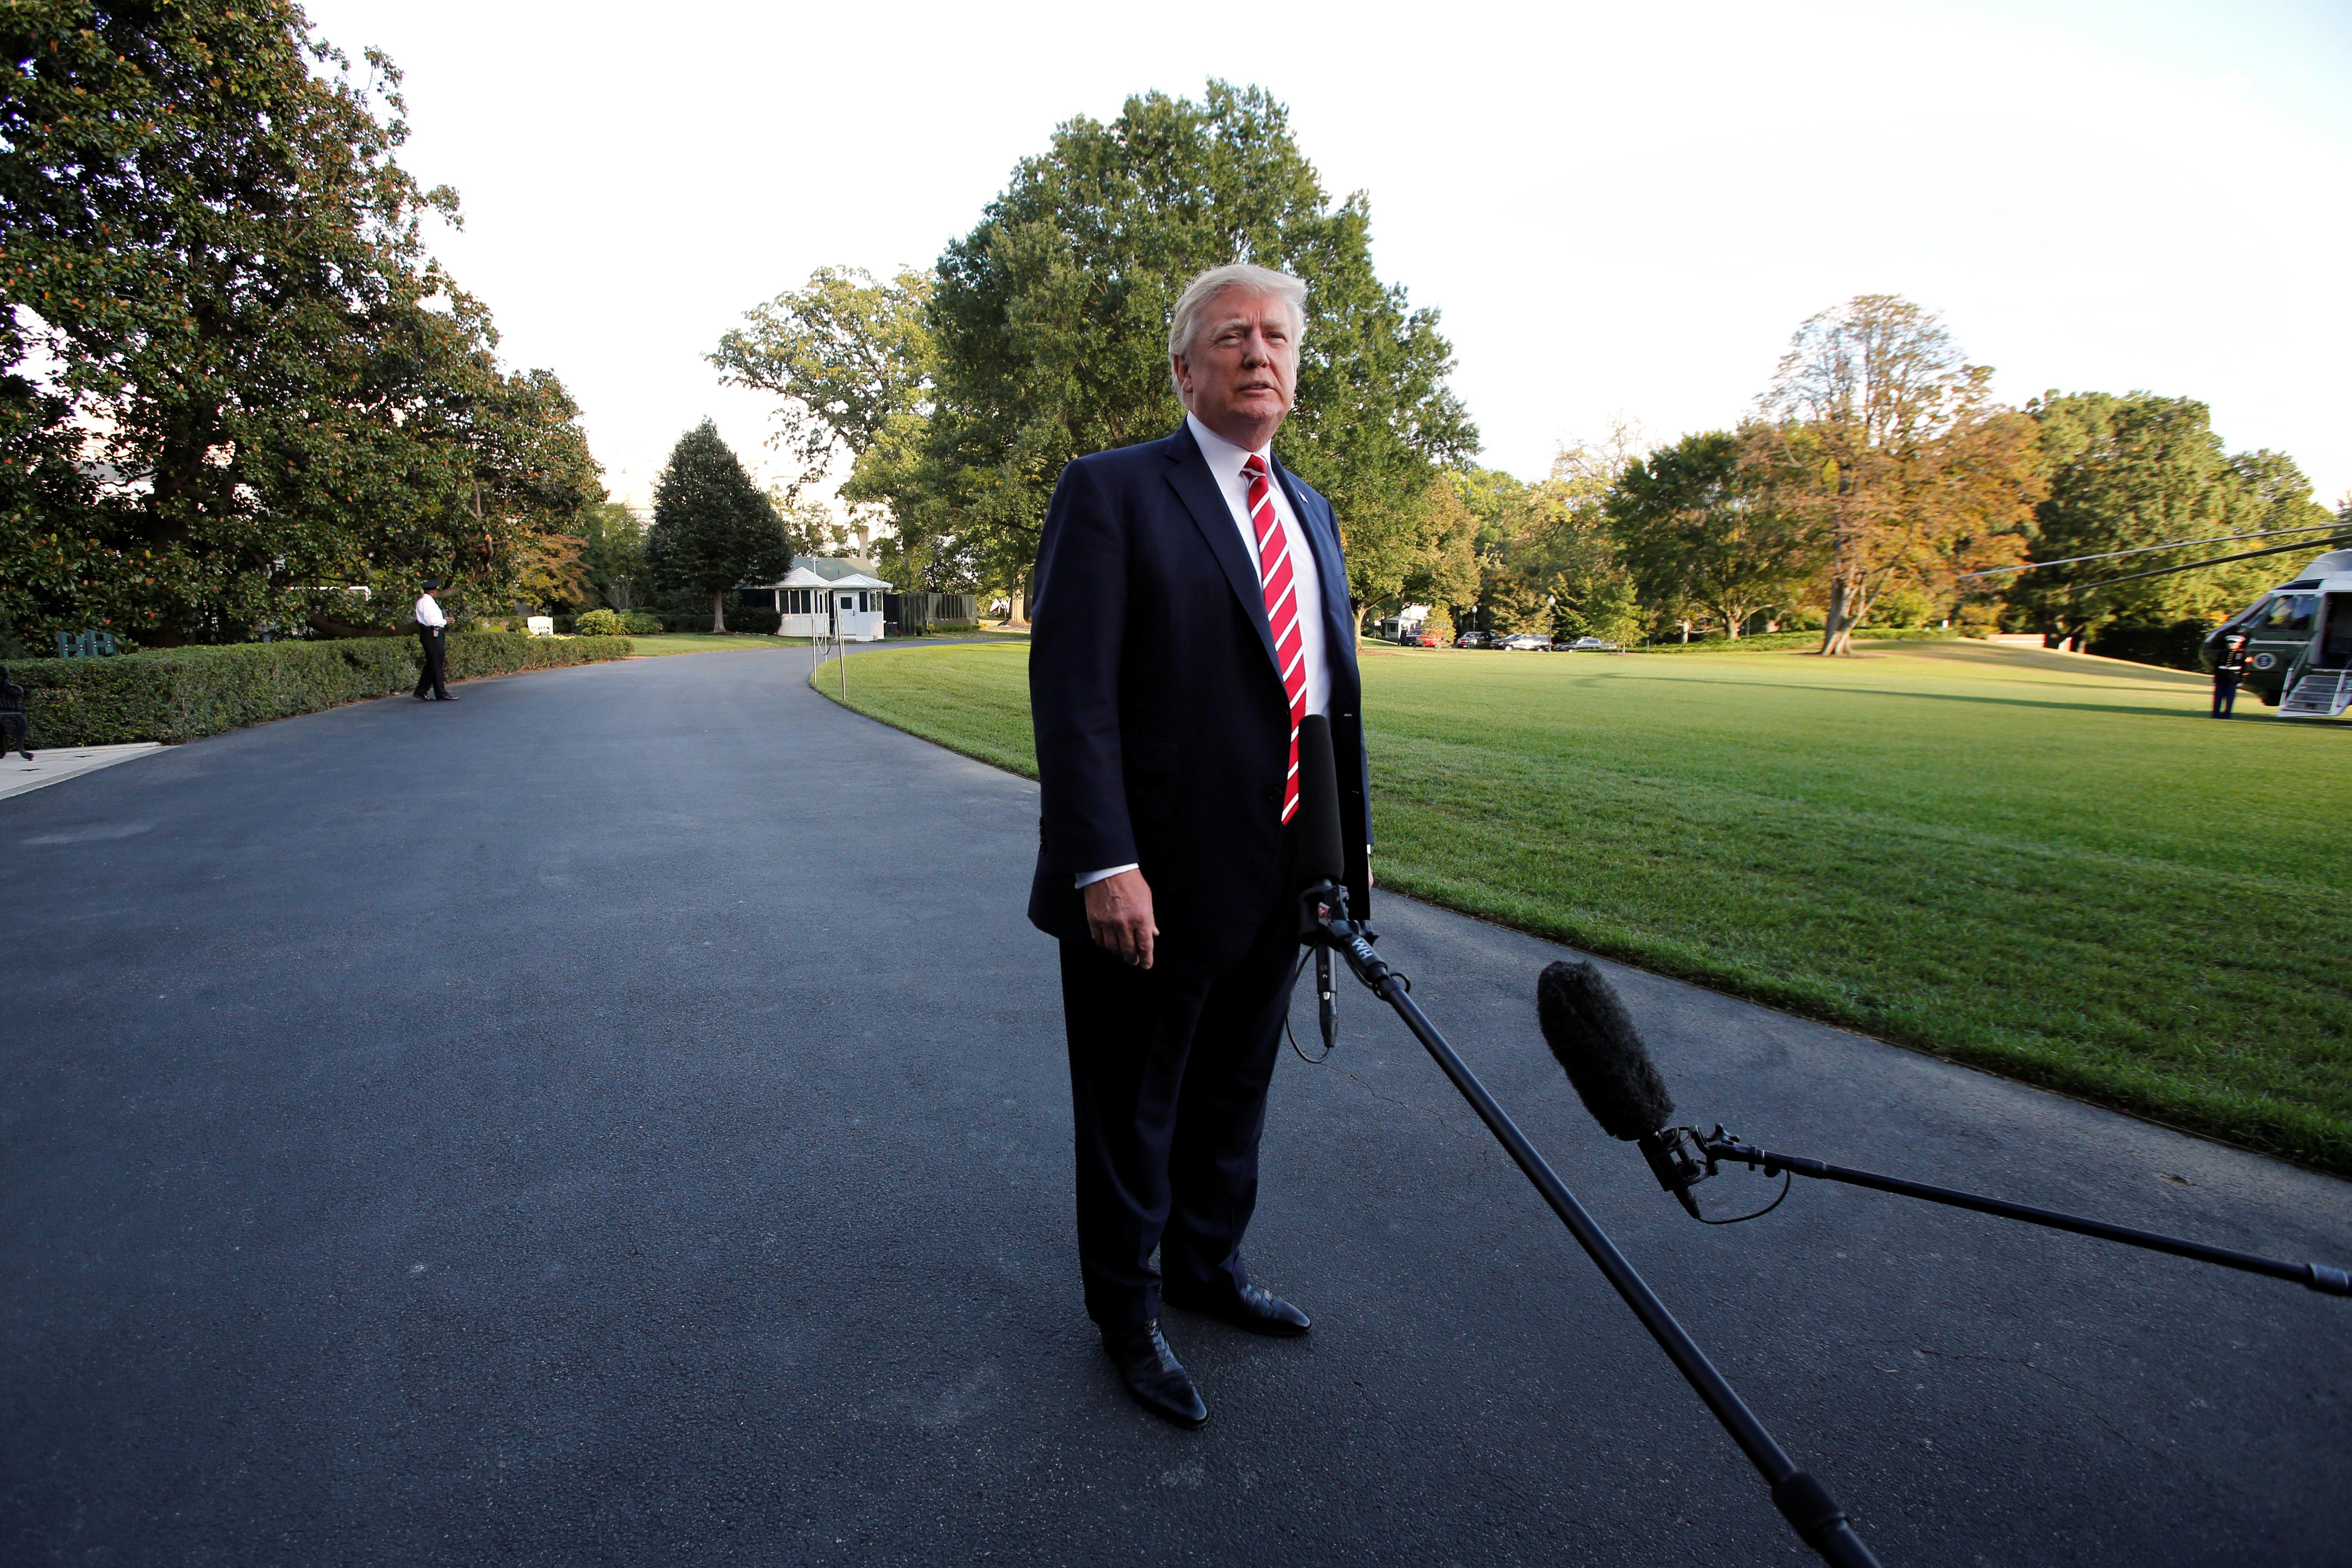 """ترامب يقول إنه """"لم يتفاجأ"""" بمزاعم التحرش بحق هارفي واينستين"""